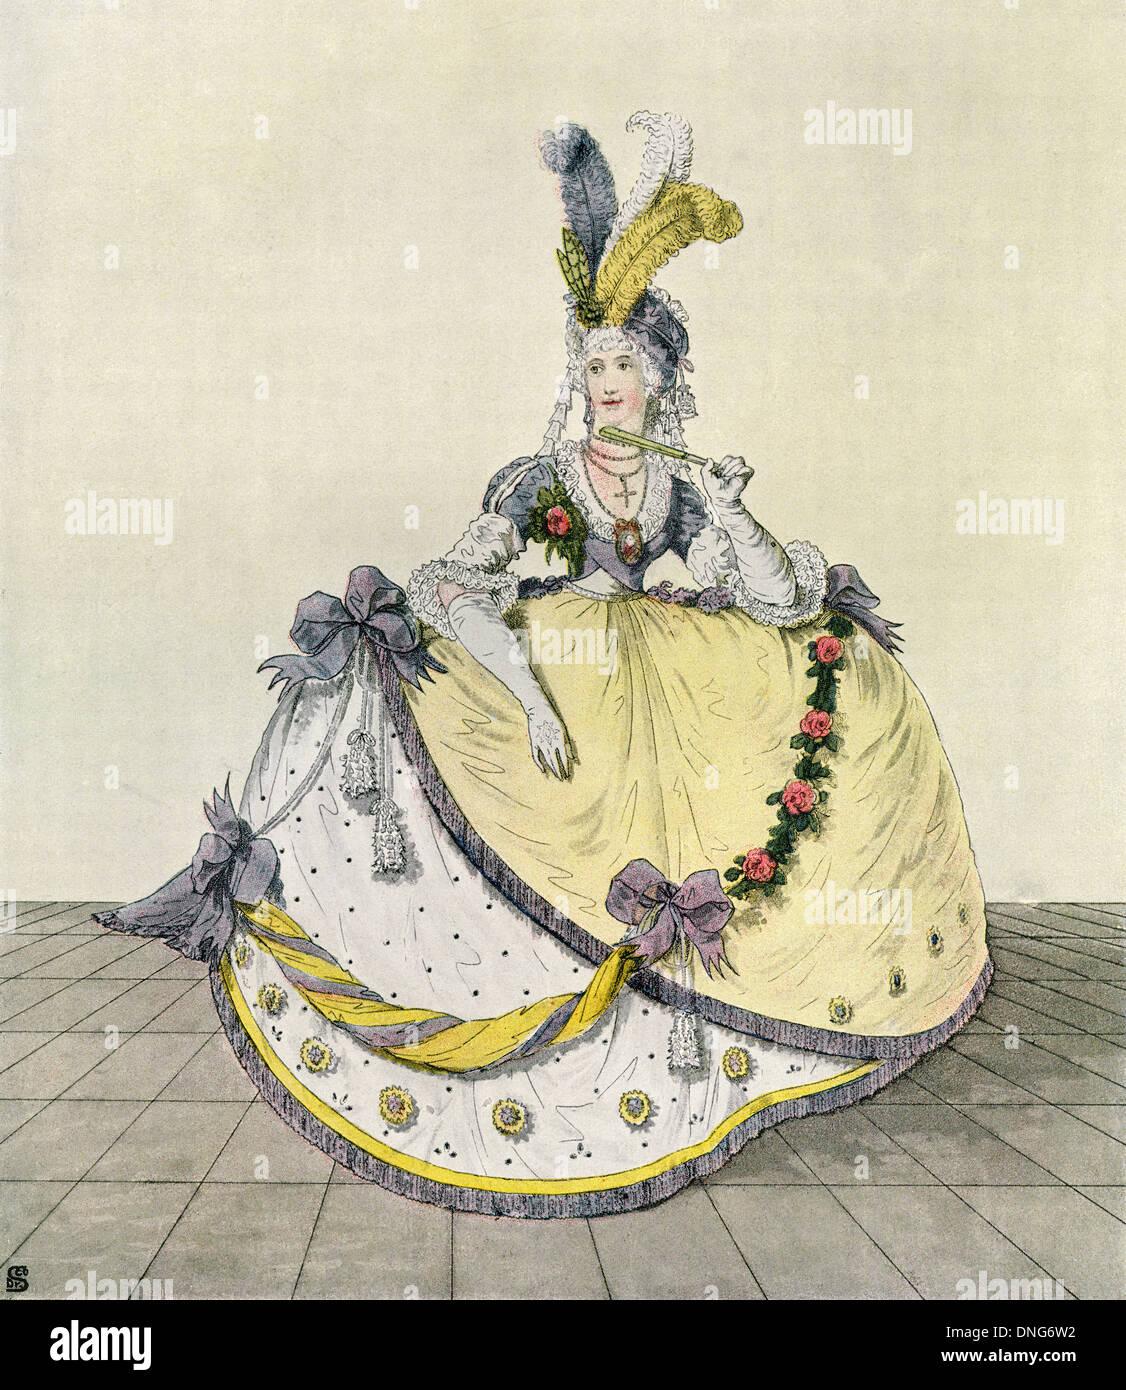 Lady in einem Ballkleid am englischen Hof, 1800. Stockbild